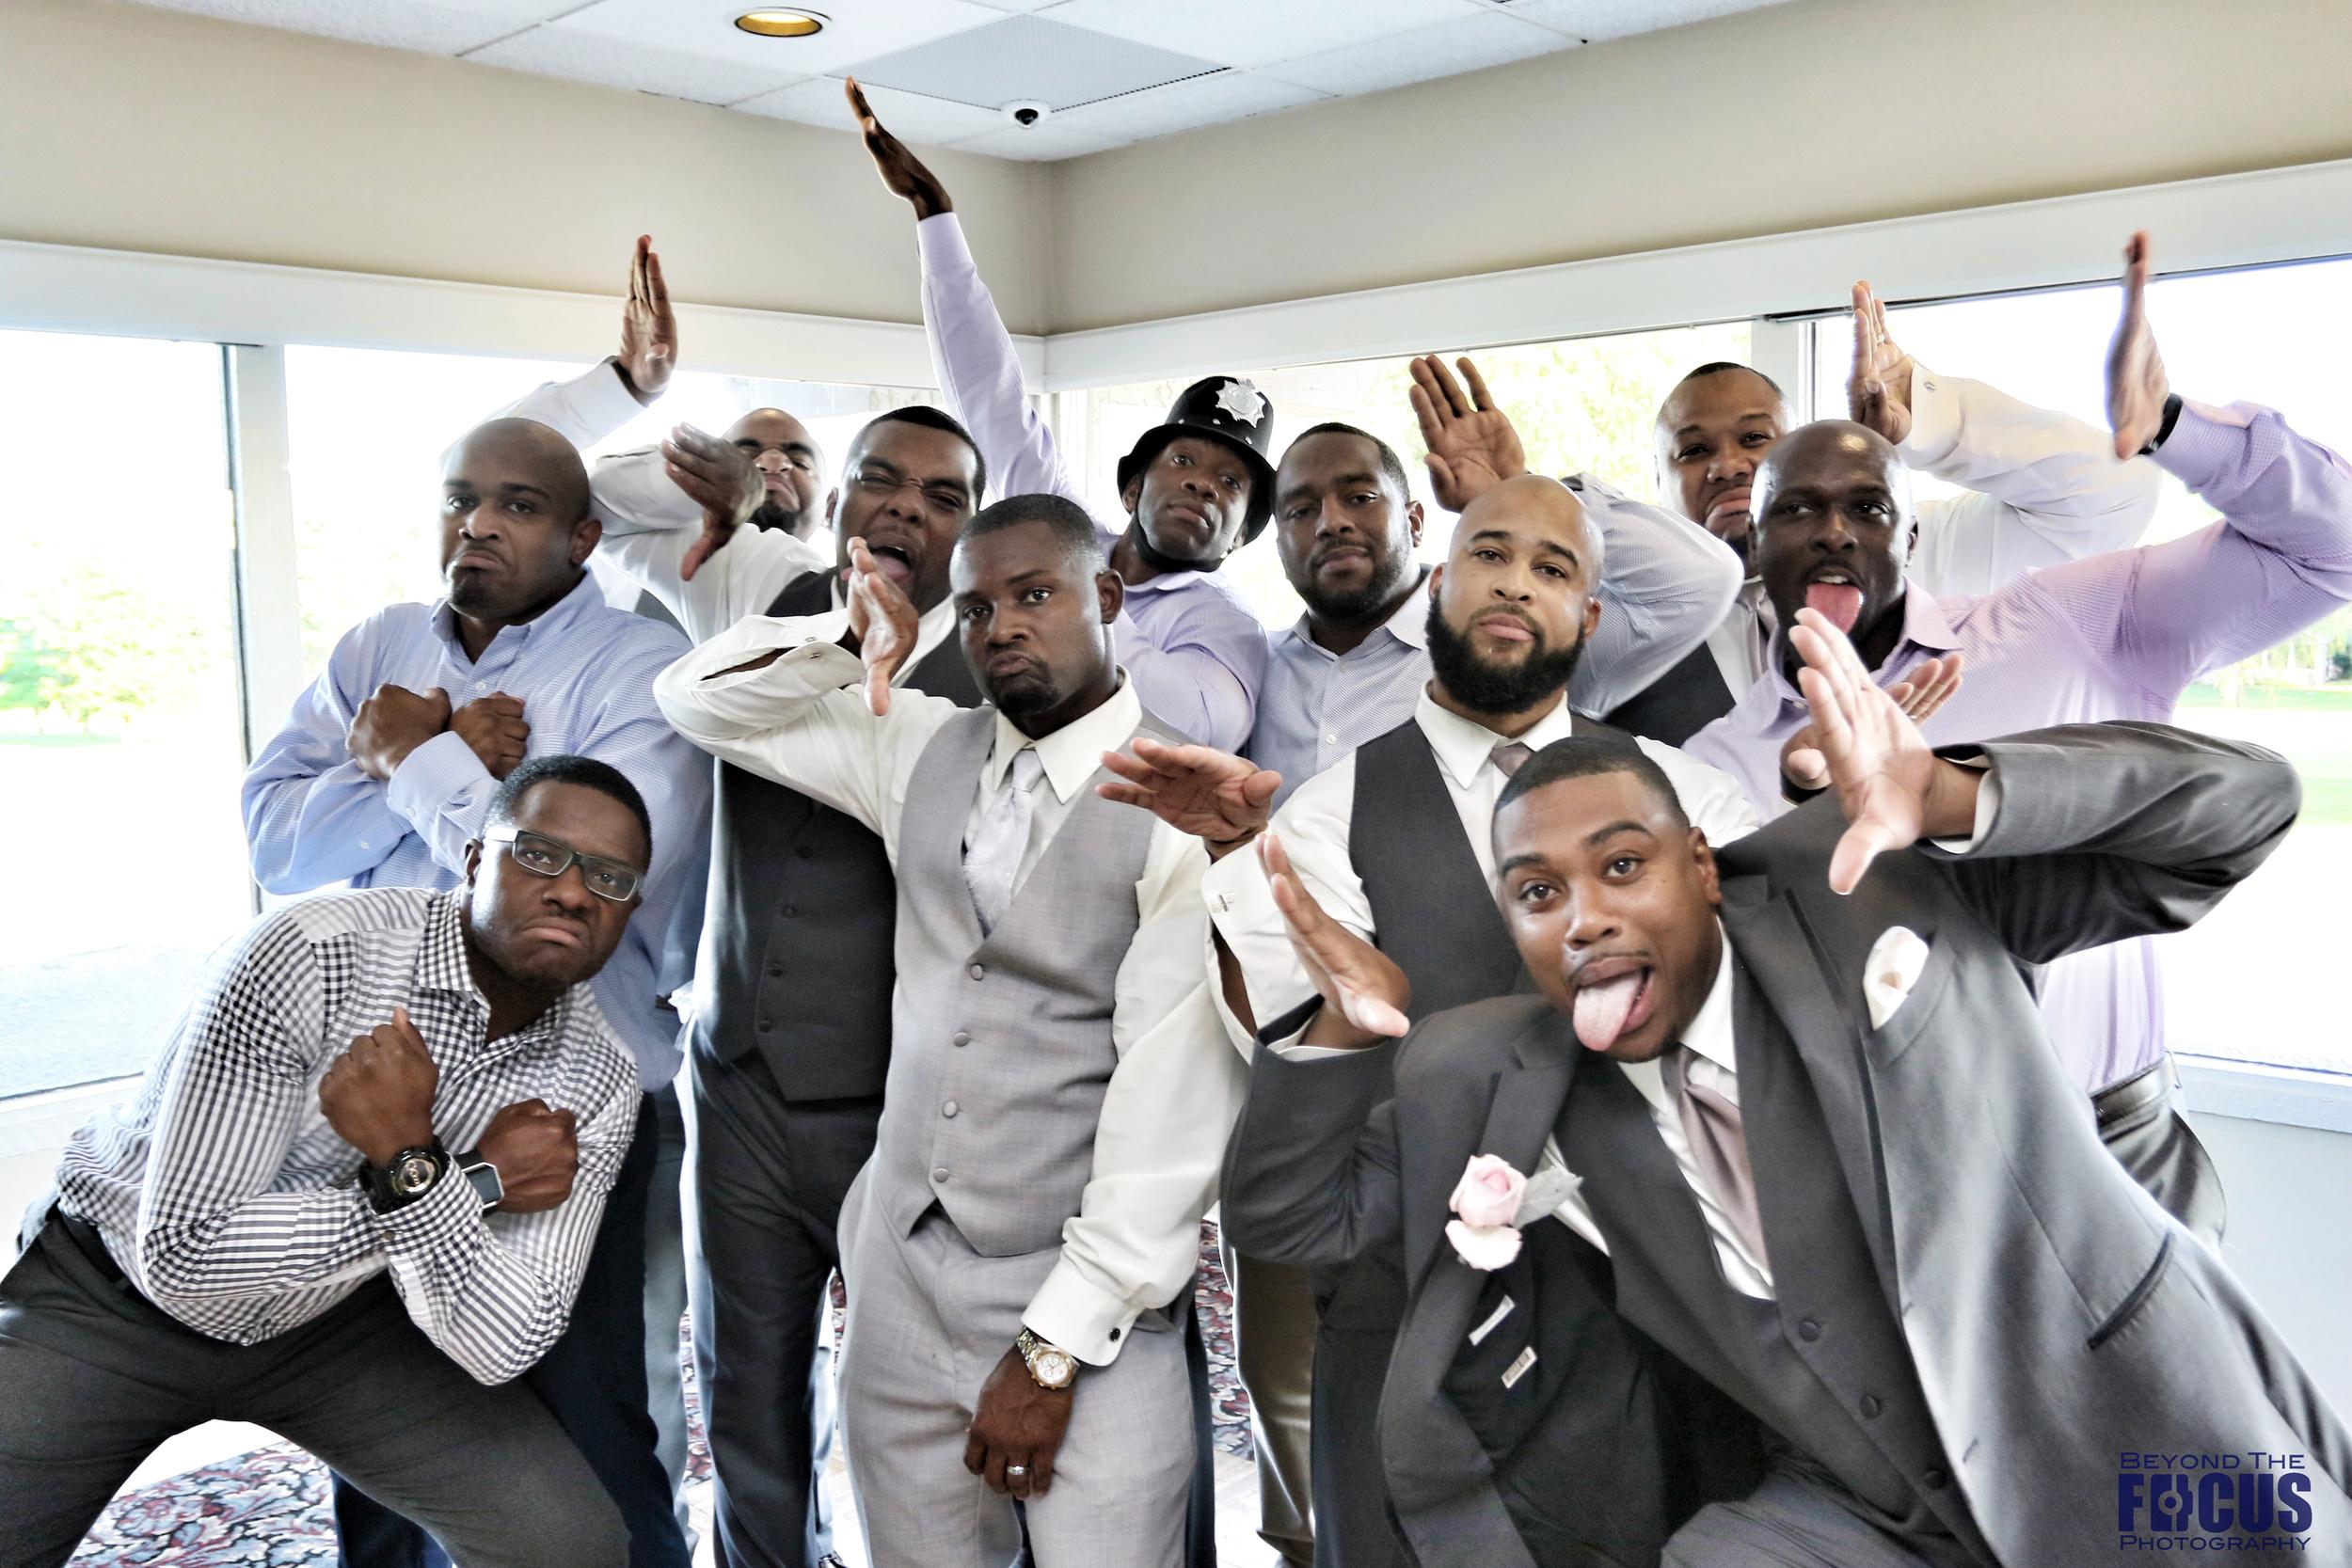 Palmer Wedding - Wedding Reception9.jpg